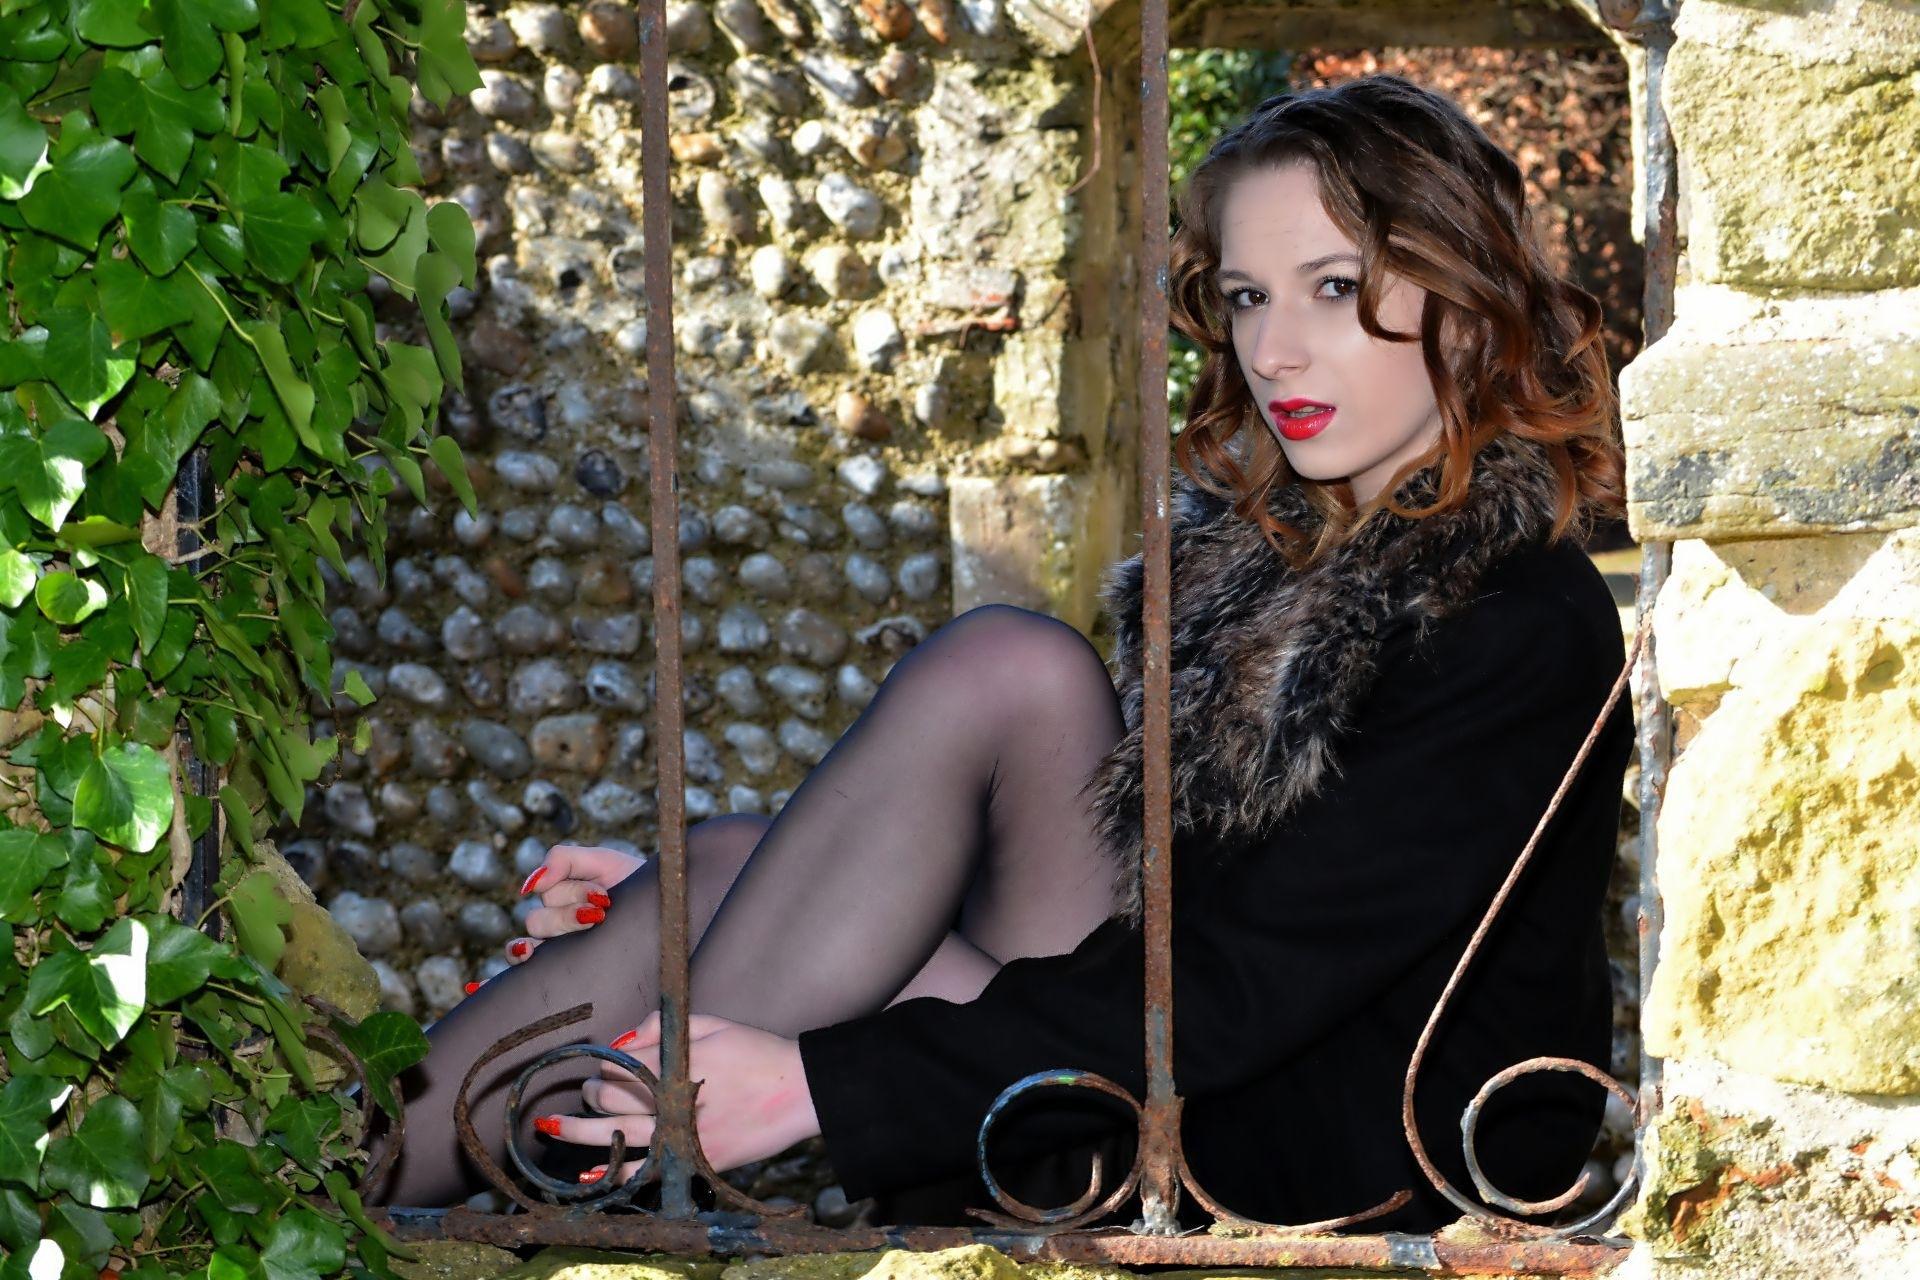 Beauty behind bars.... by ianstandivan